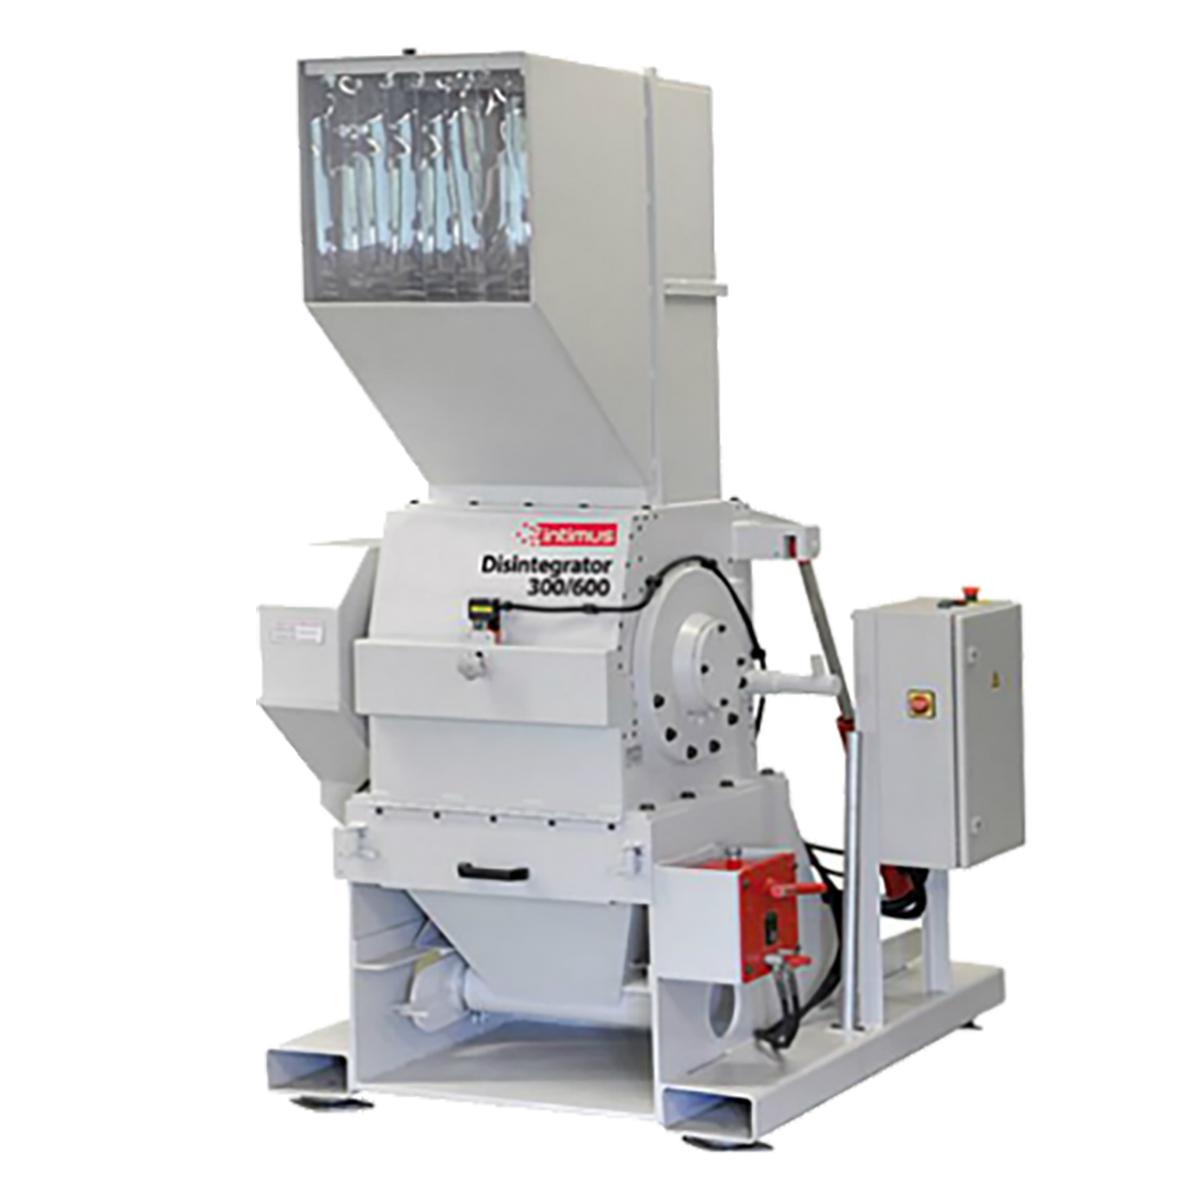 Intimus DIS 300-600 Disintegrator